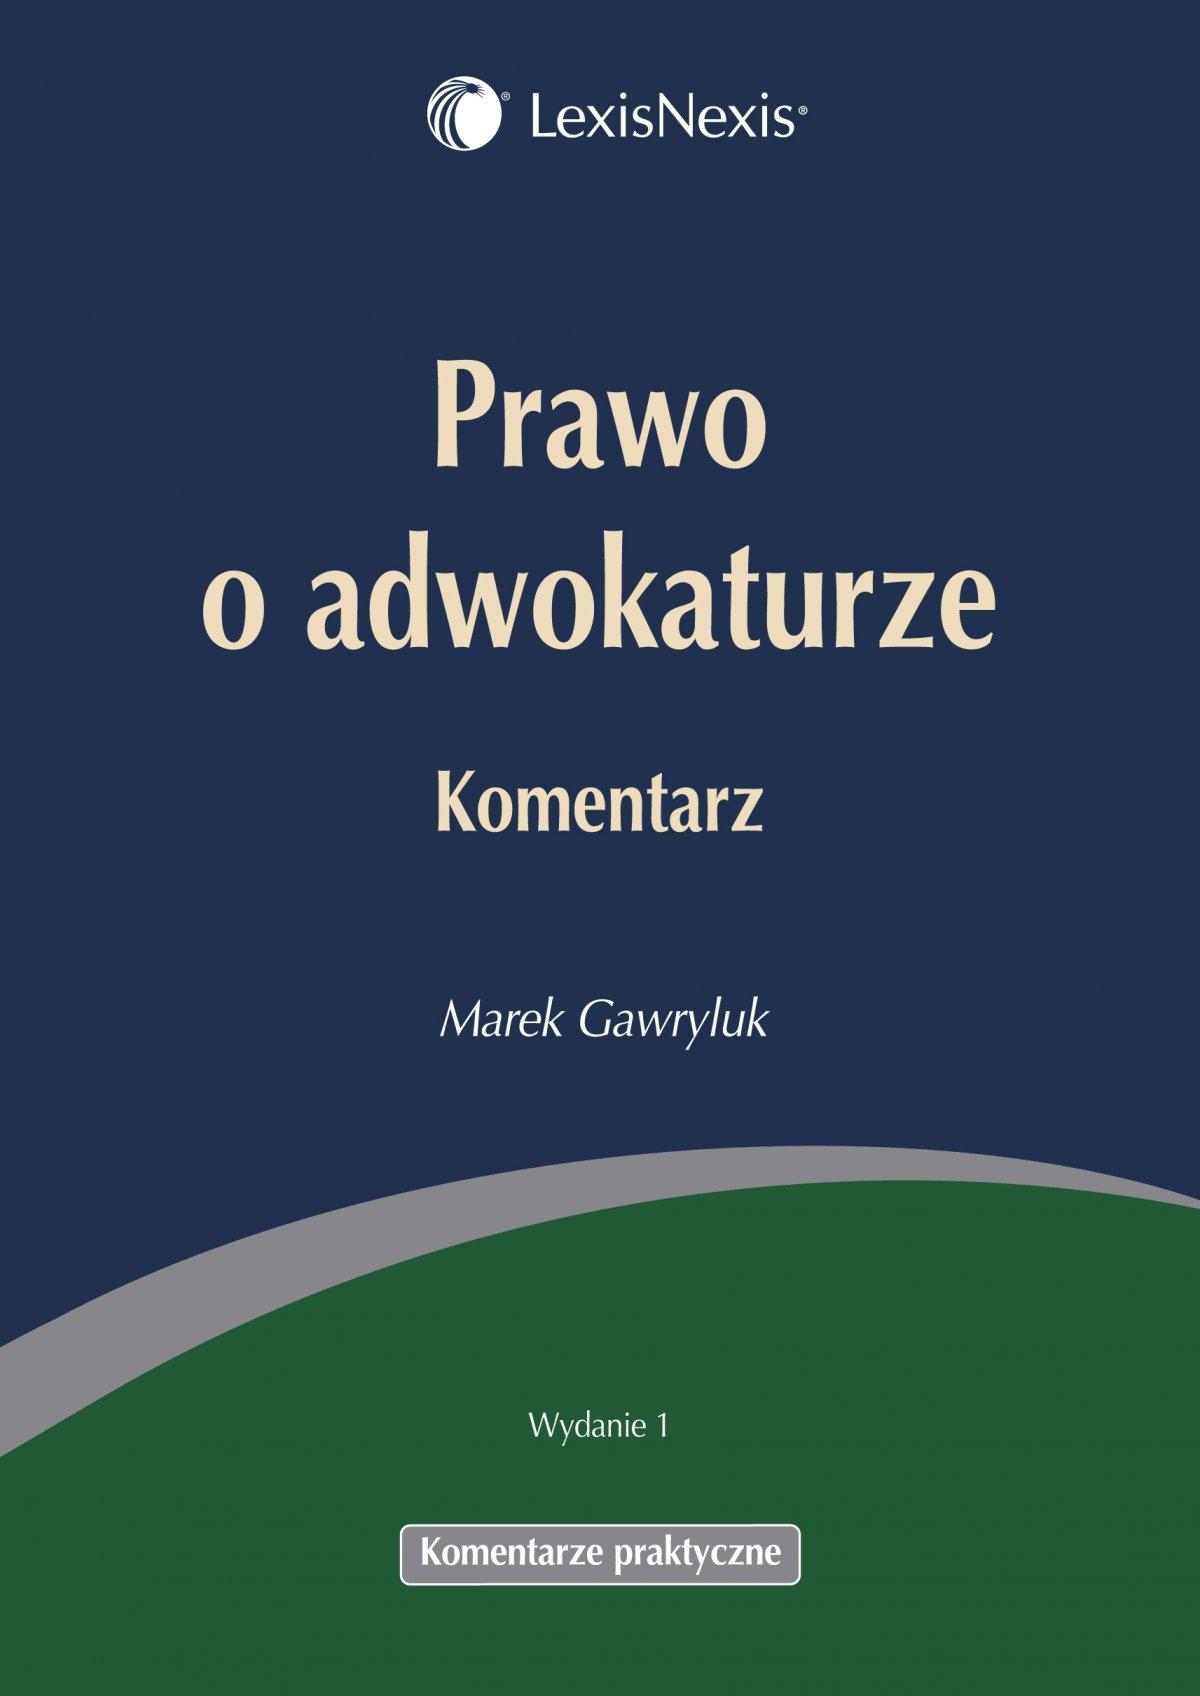 Prawo o adwokaturze. Komentarz - Ebook (Książka PDF) do pobrania w formacie PDF